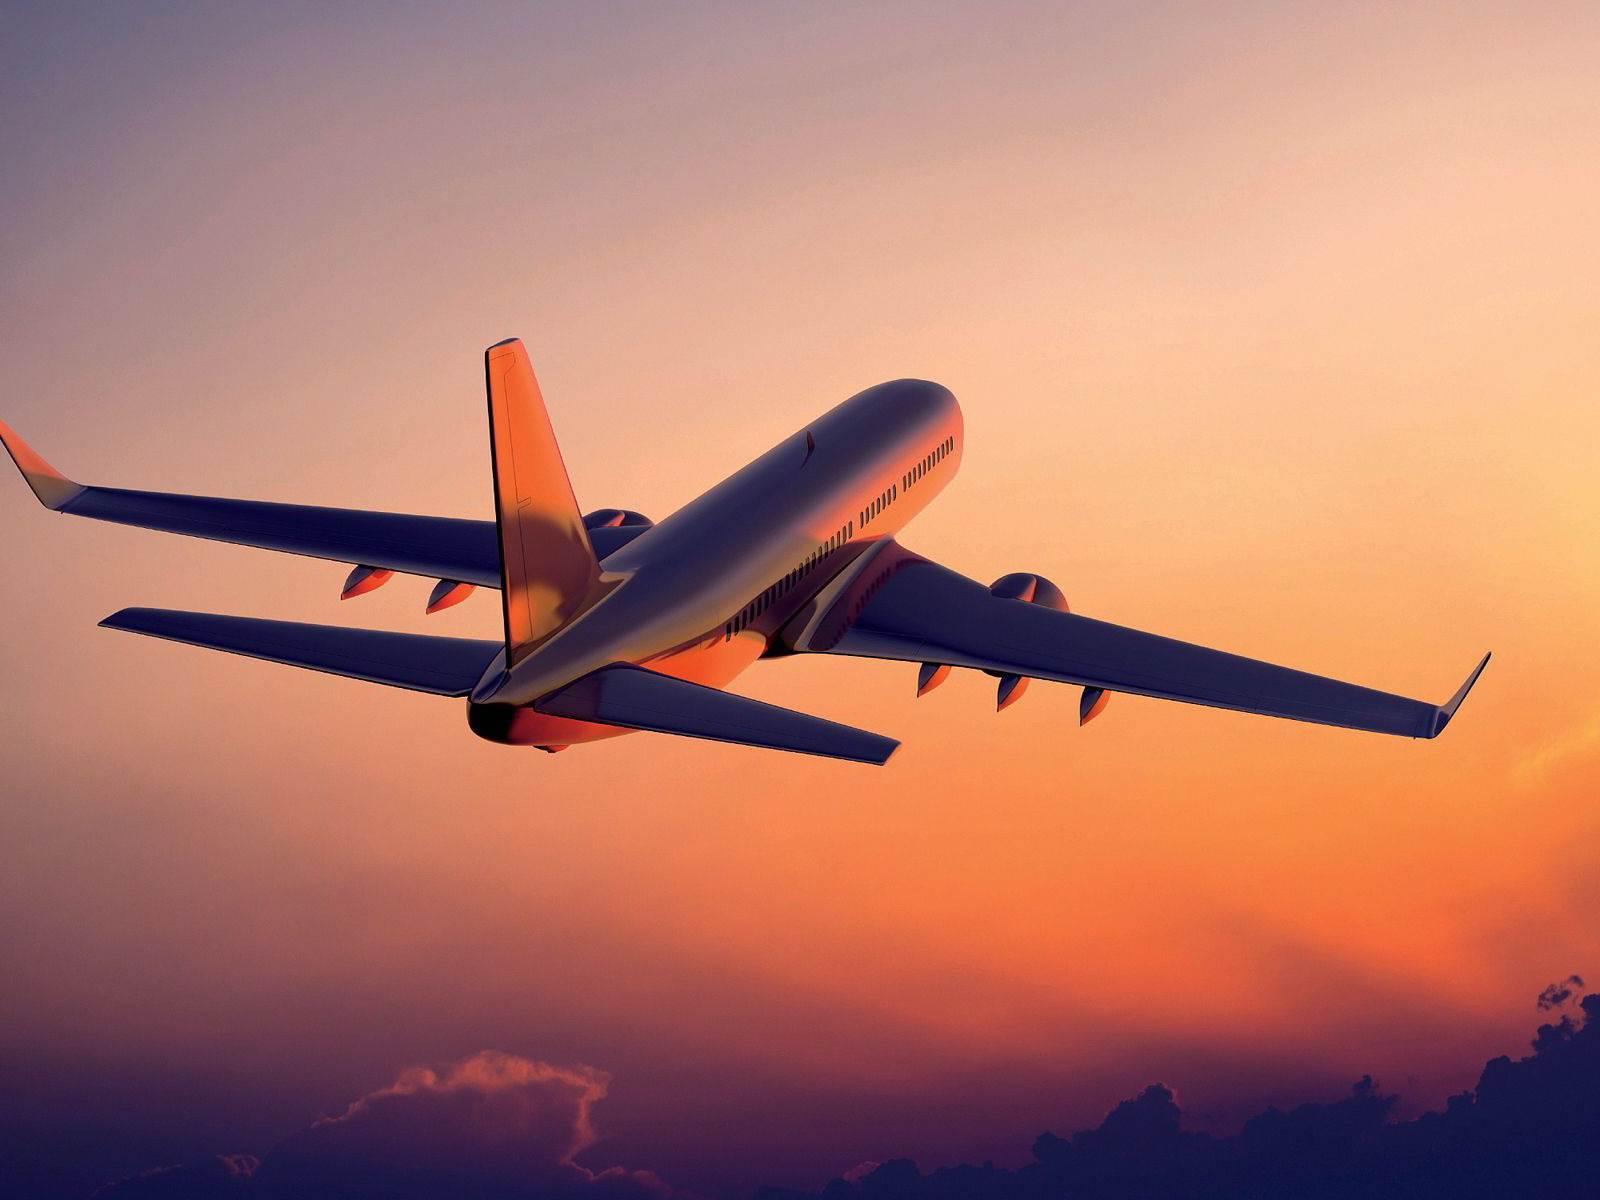 ارتفاع حركة السفر جوا في الشرق الأوسط بمعدل 3ر15 بالمائة